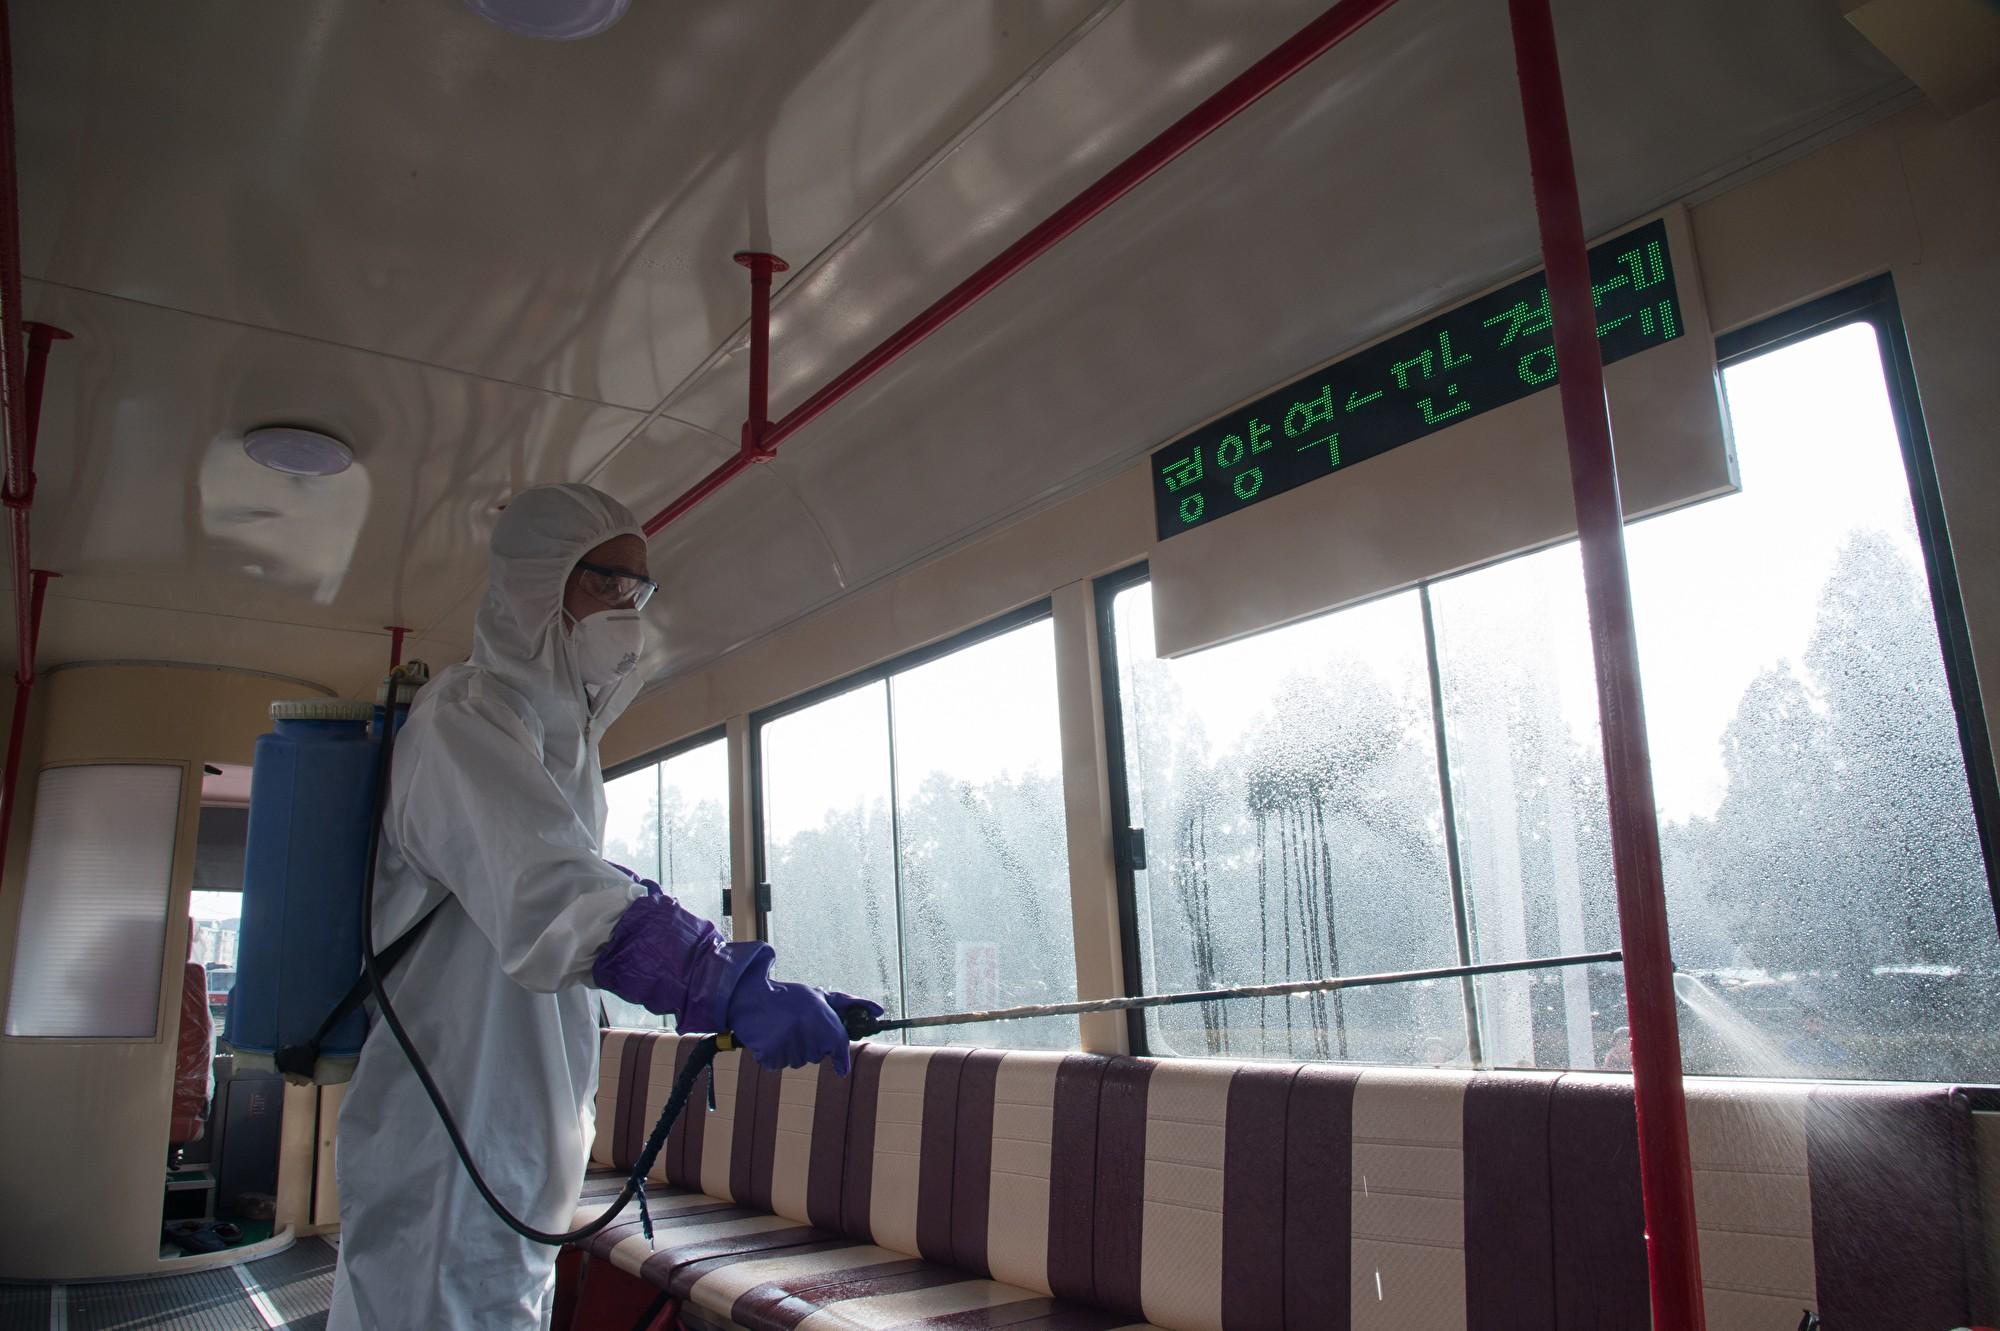 傳北韓中共肺炎疑似病人二十三人死亡